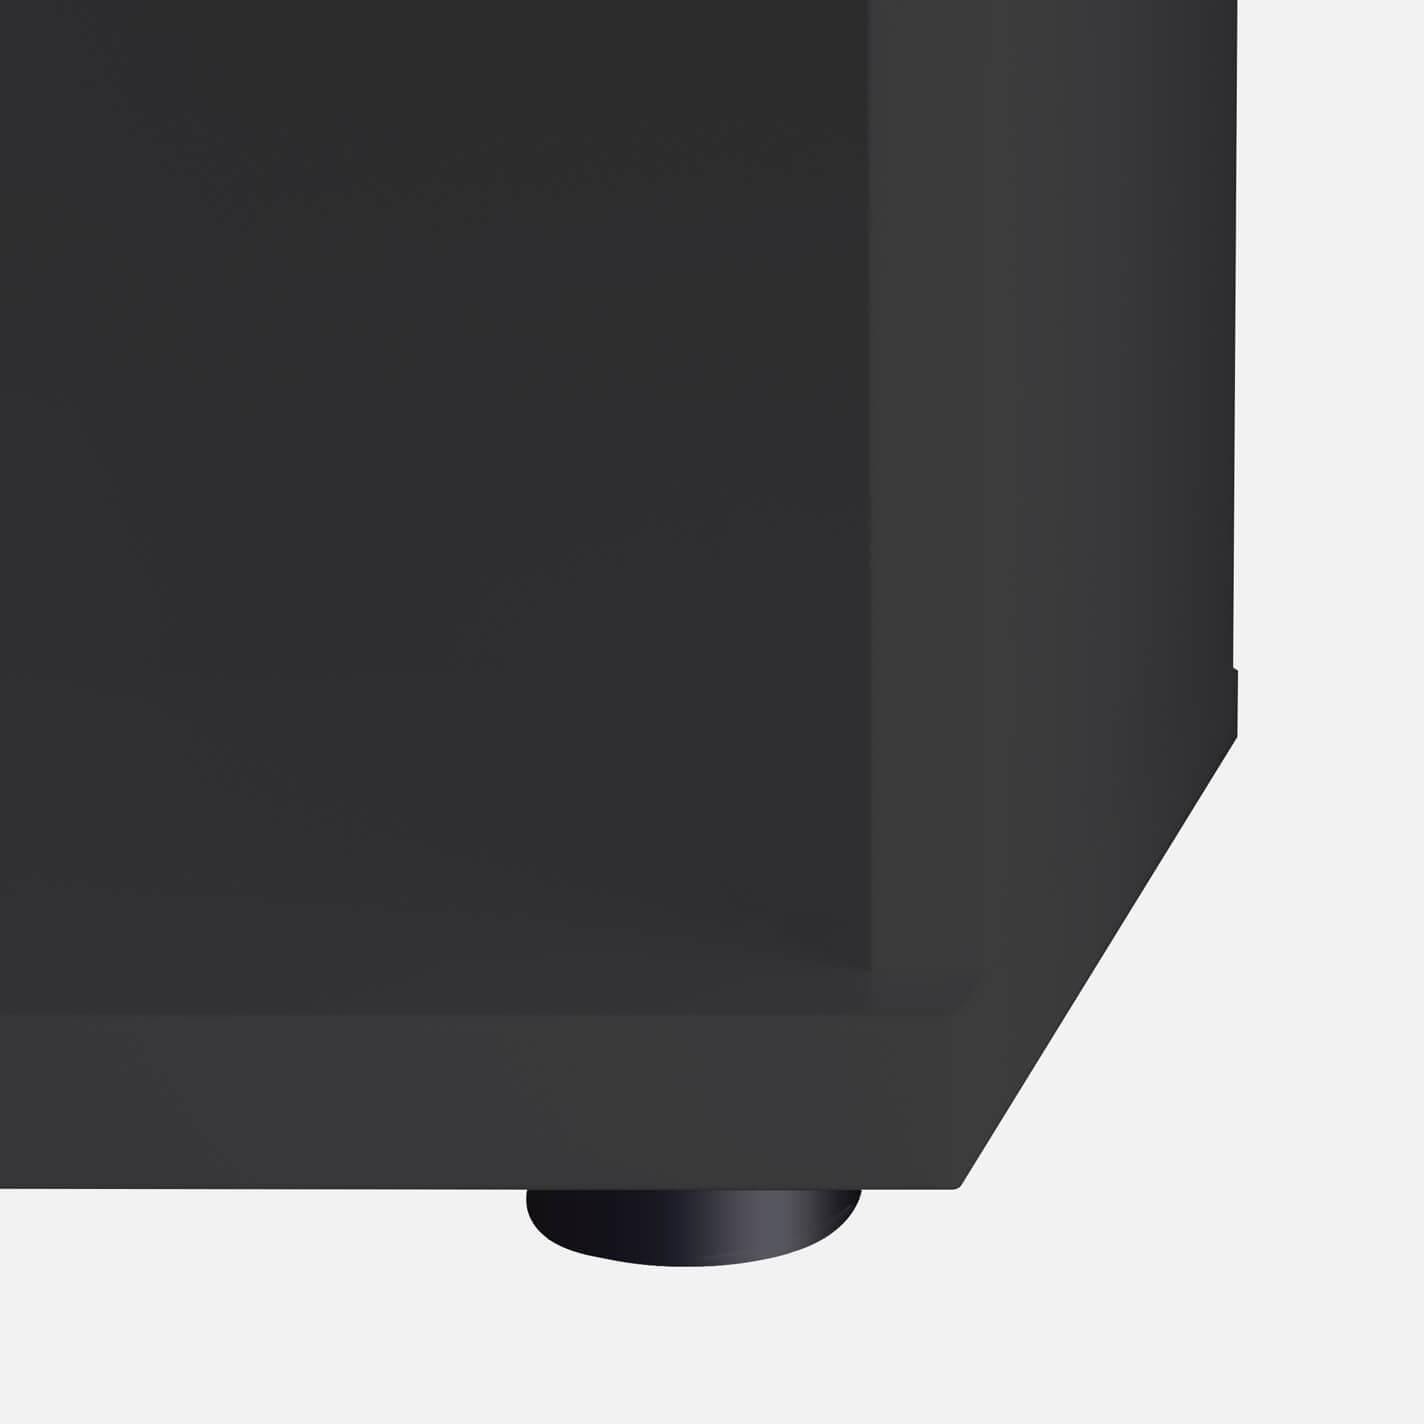 PROFI Schrankwand abschließbar Schrank Büroschrank Flügeltürenschrank Regalschrank 5 OH Anthrazit/Weiß